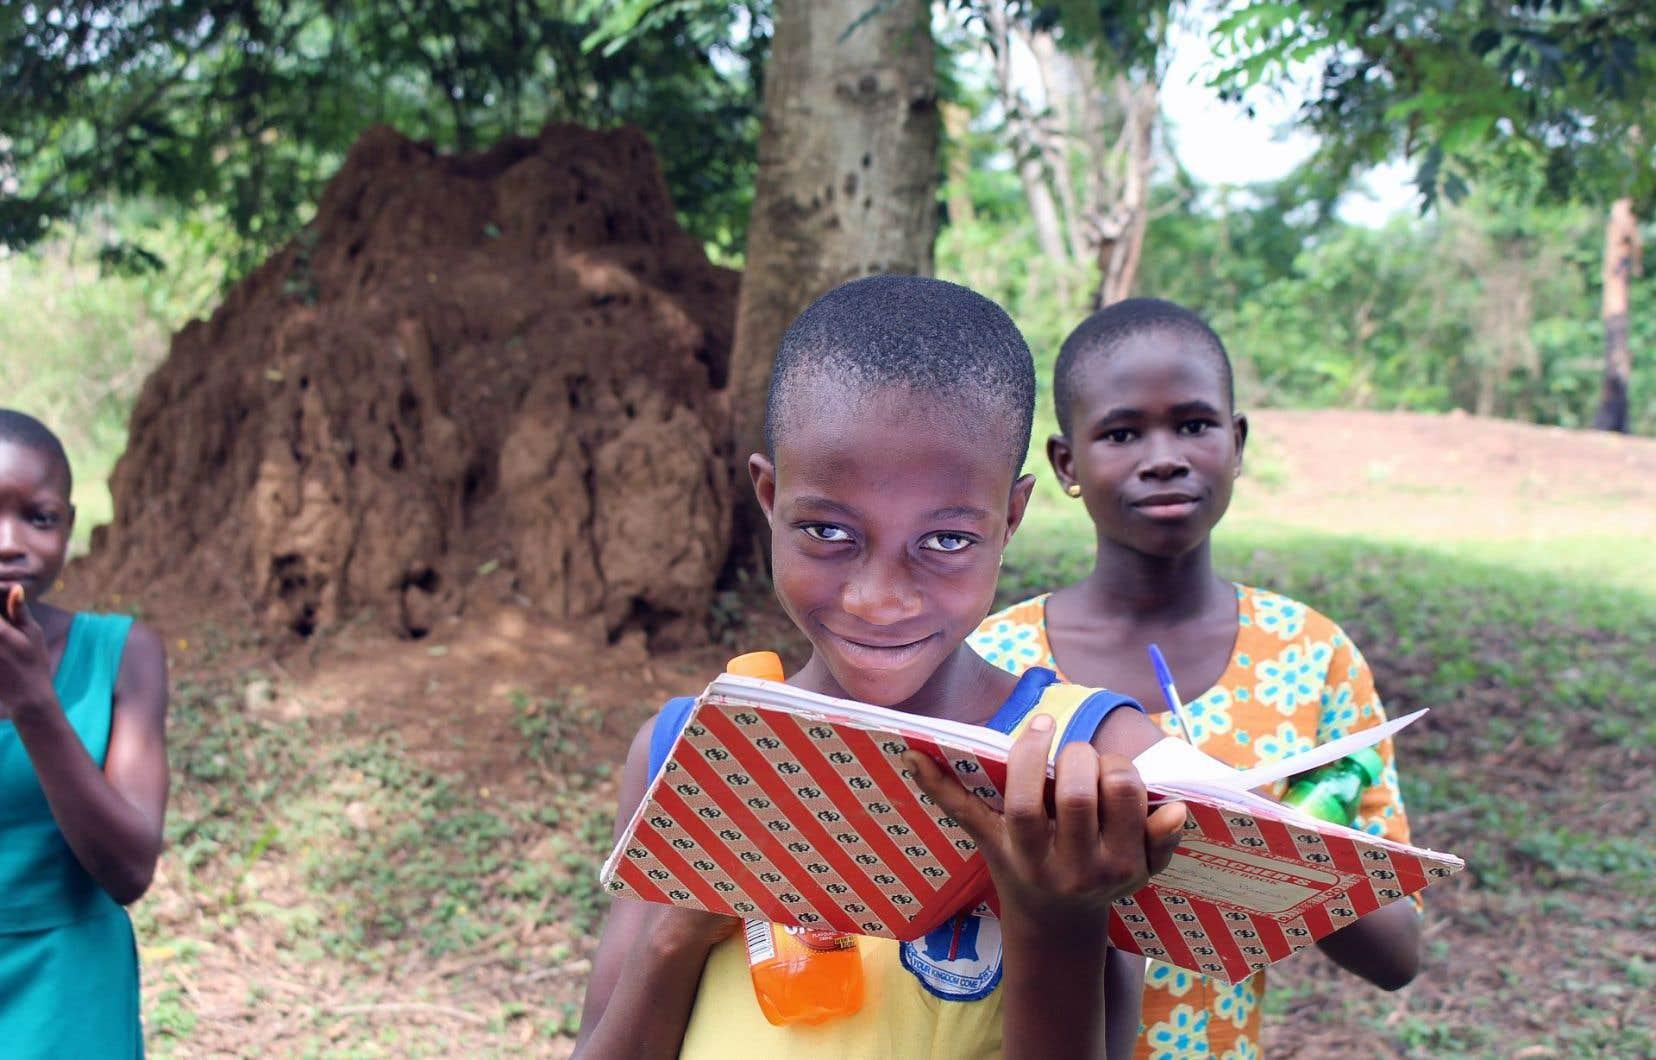 Au Ghana, des filles et des femmes trouvent dans les clubs d'autonomisation pour filles des lieux sécuritaires où échanger et se confier, développer leur leadership et apprendre à connaître leurs droits.